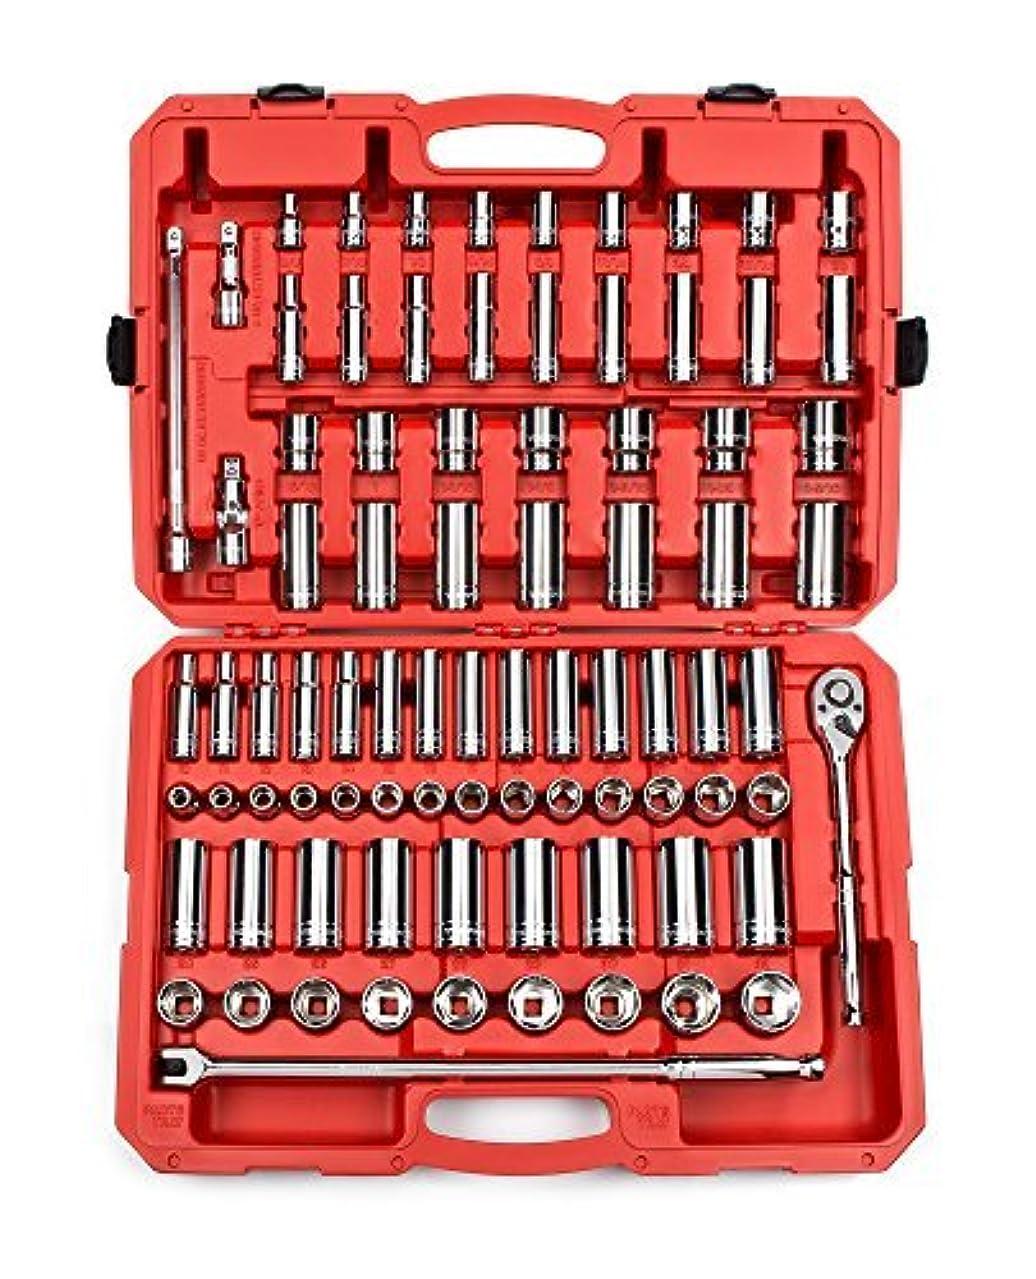 ホイッスル私達コマースTEKTON 1/2-Inch Drive Socket Set Inch/Metric 6-Point 3/8-Inch - 1-5/16-Inch 10 mm - 32 mm 84-Piece | 13203 [並行輸入品]